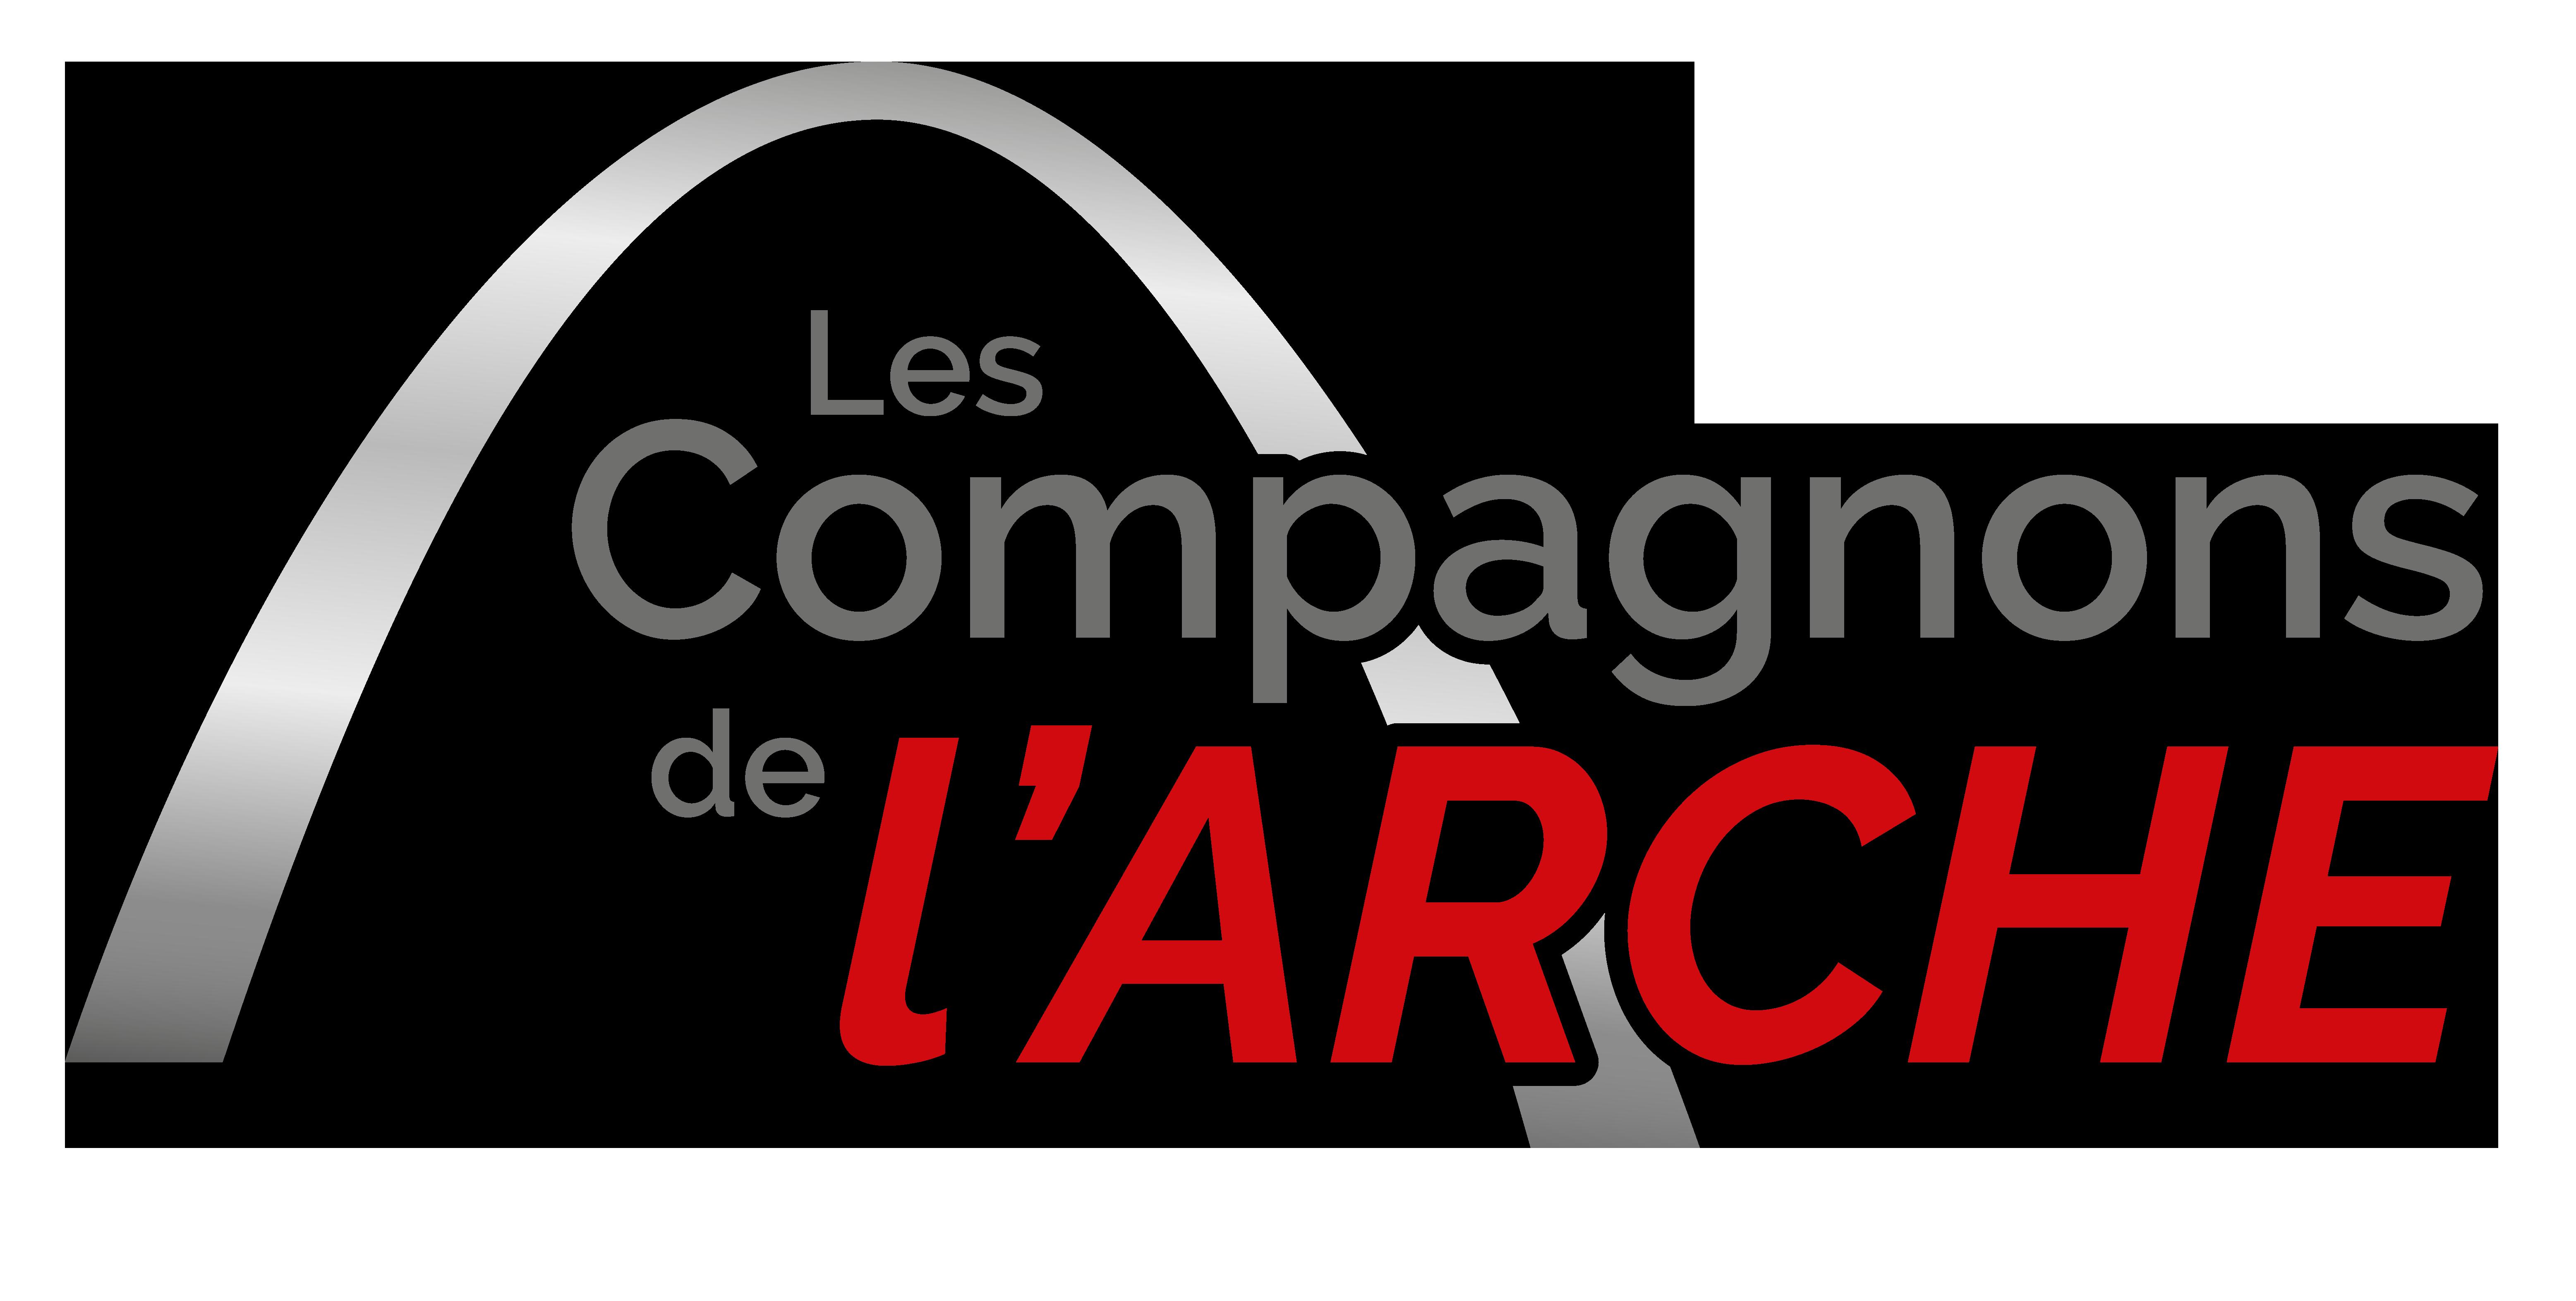 1992 Les Compagnons de l'Arche